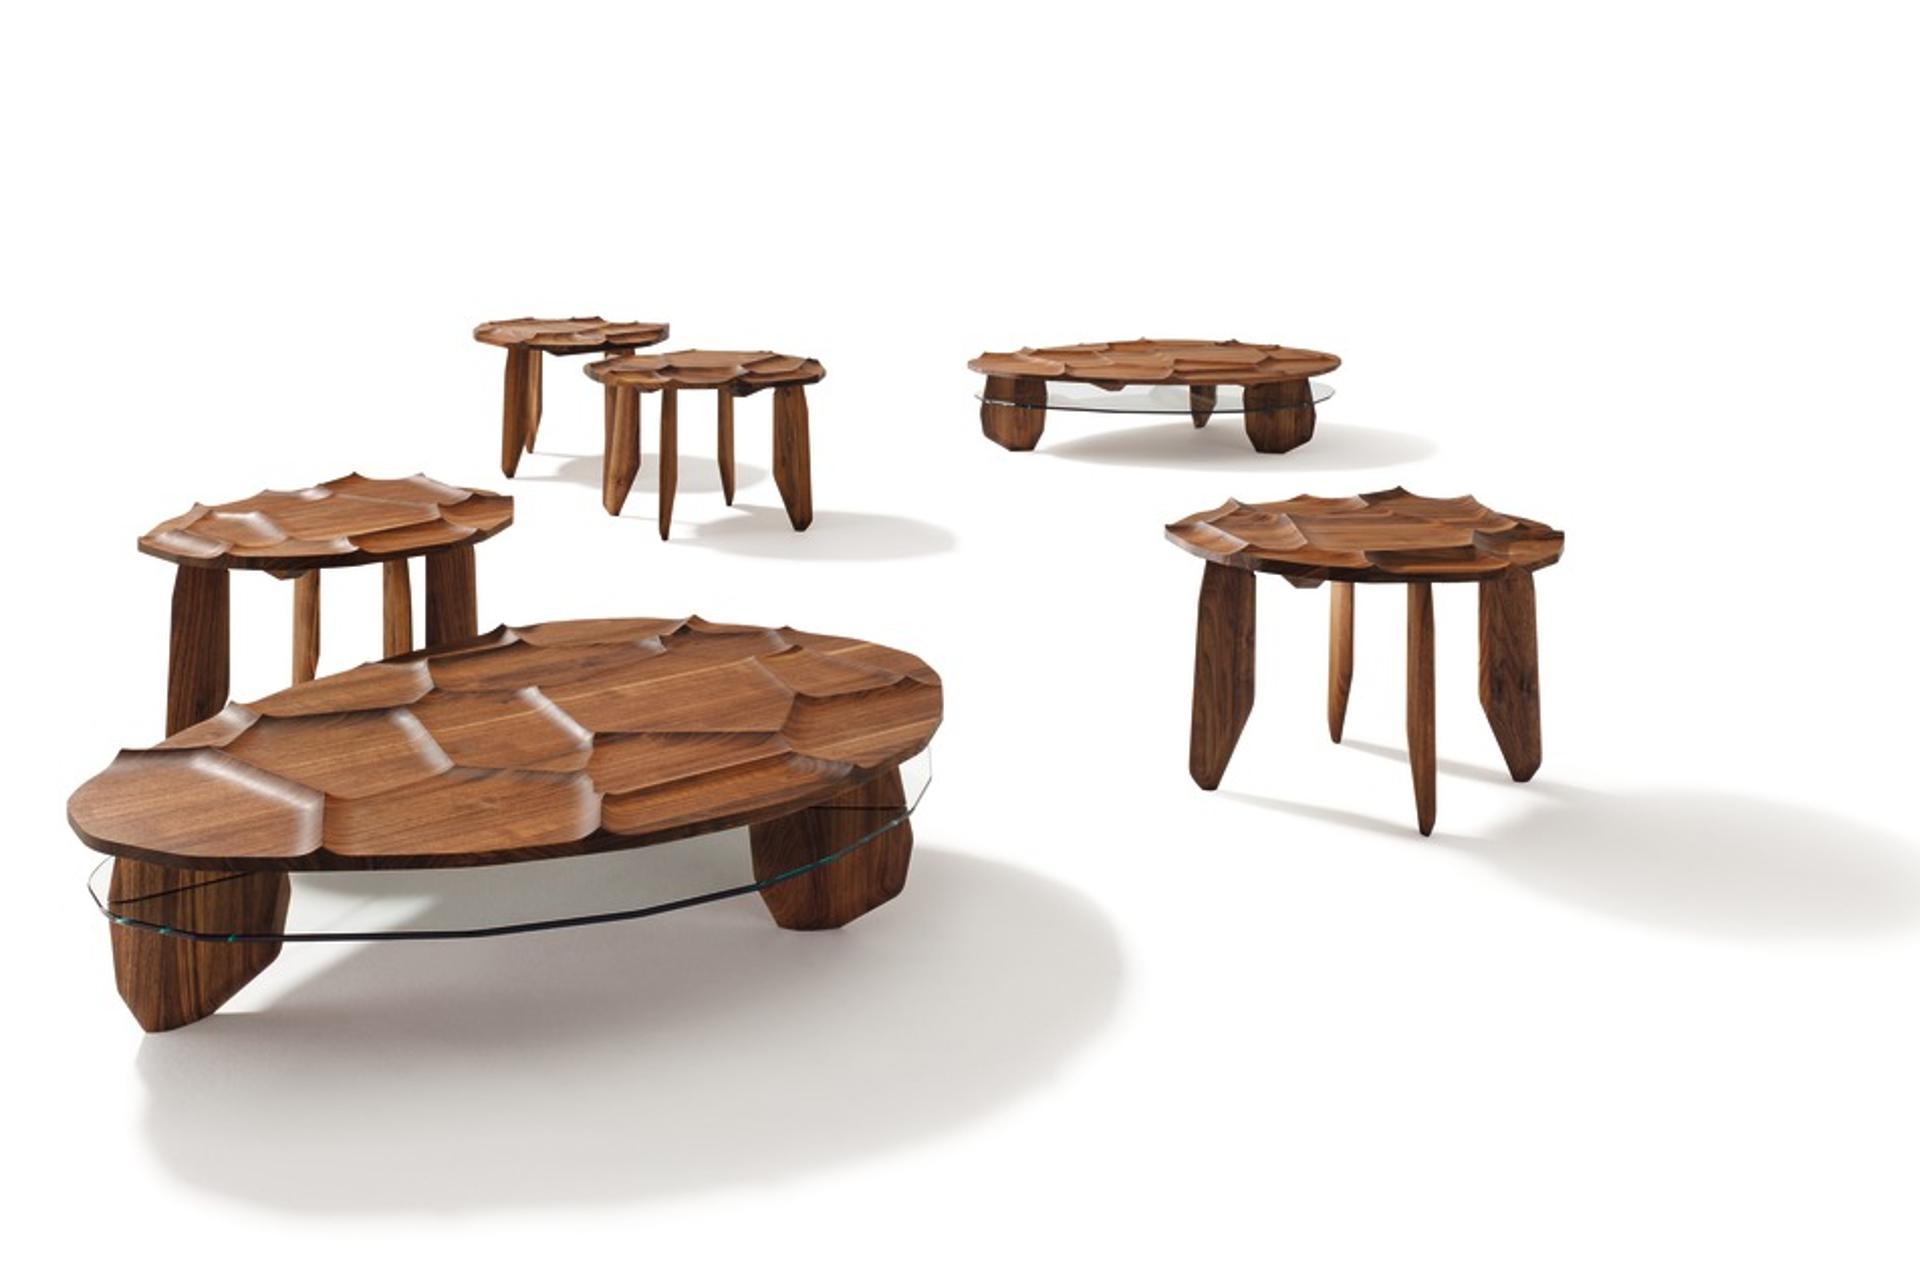 couchtisch rock und roll hartmann naturm bel. Black Bedroom Furniture Sets. Home Design Ideas